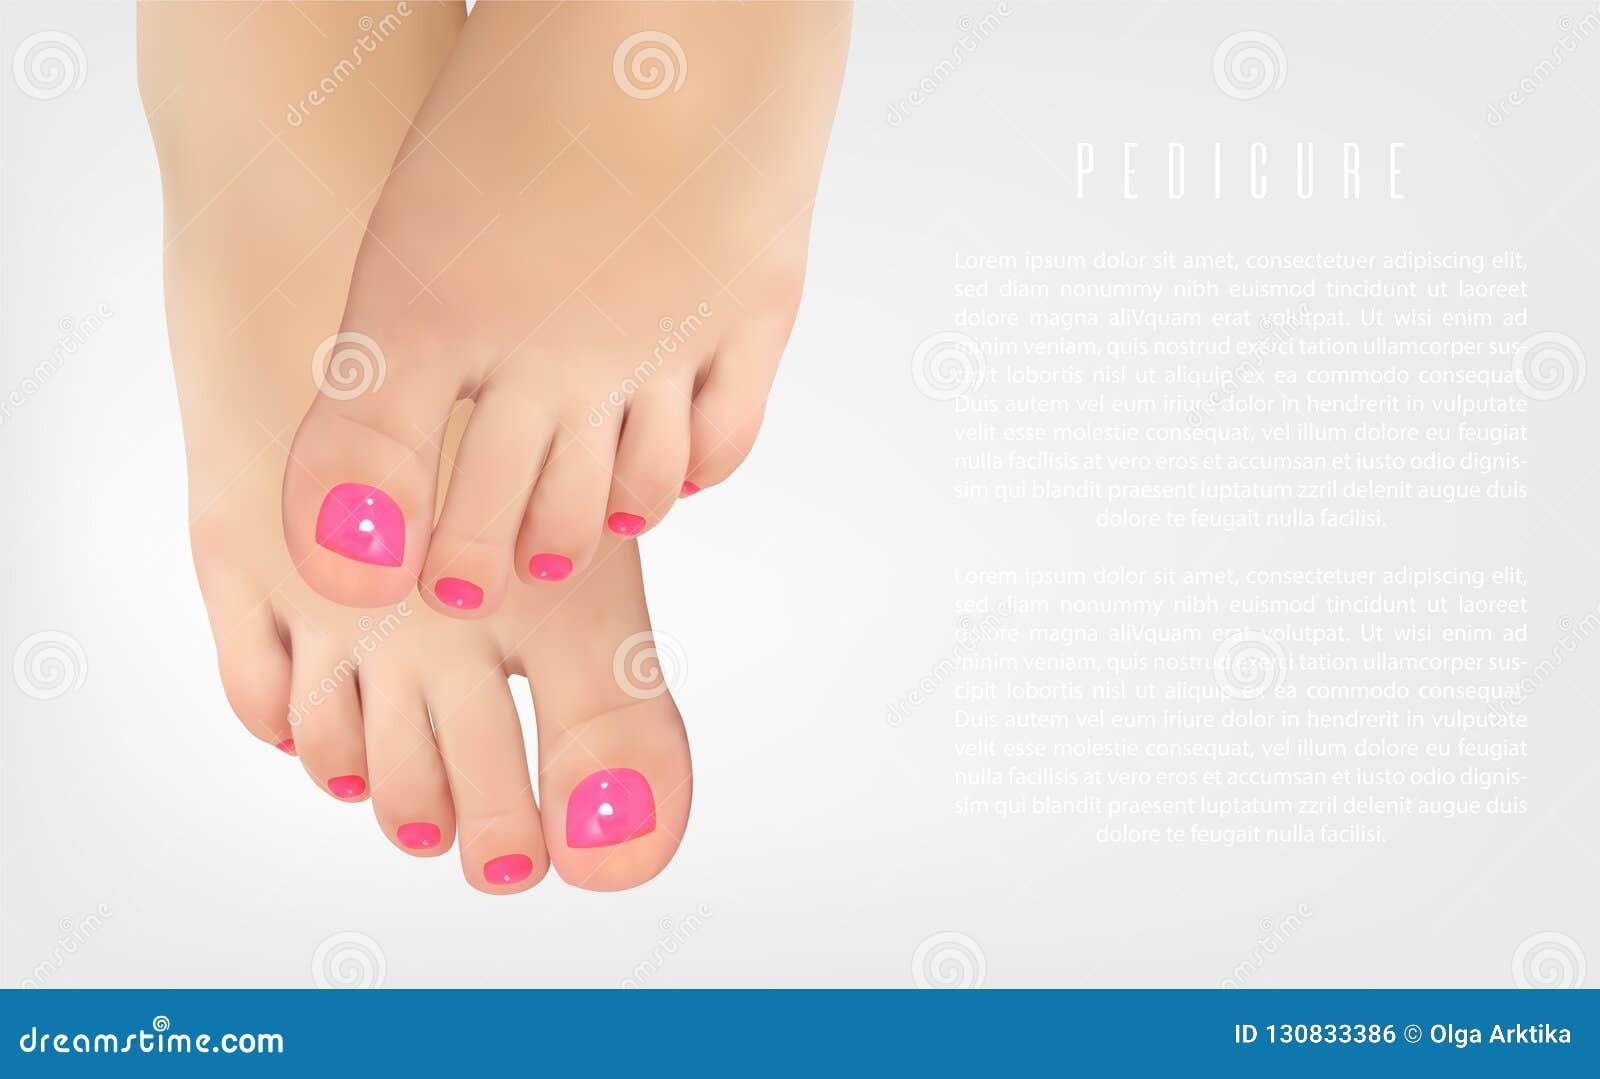 Pedikürekonzeptplakat mit weiblichen Füßen, Schönheitssalon